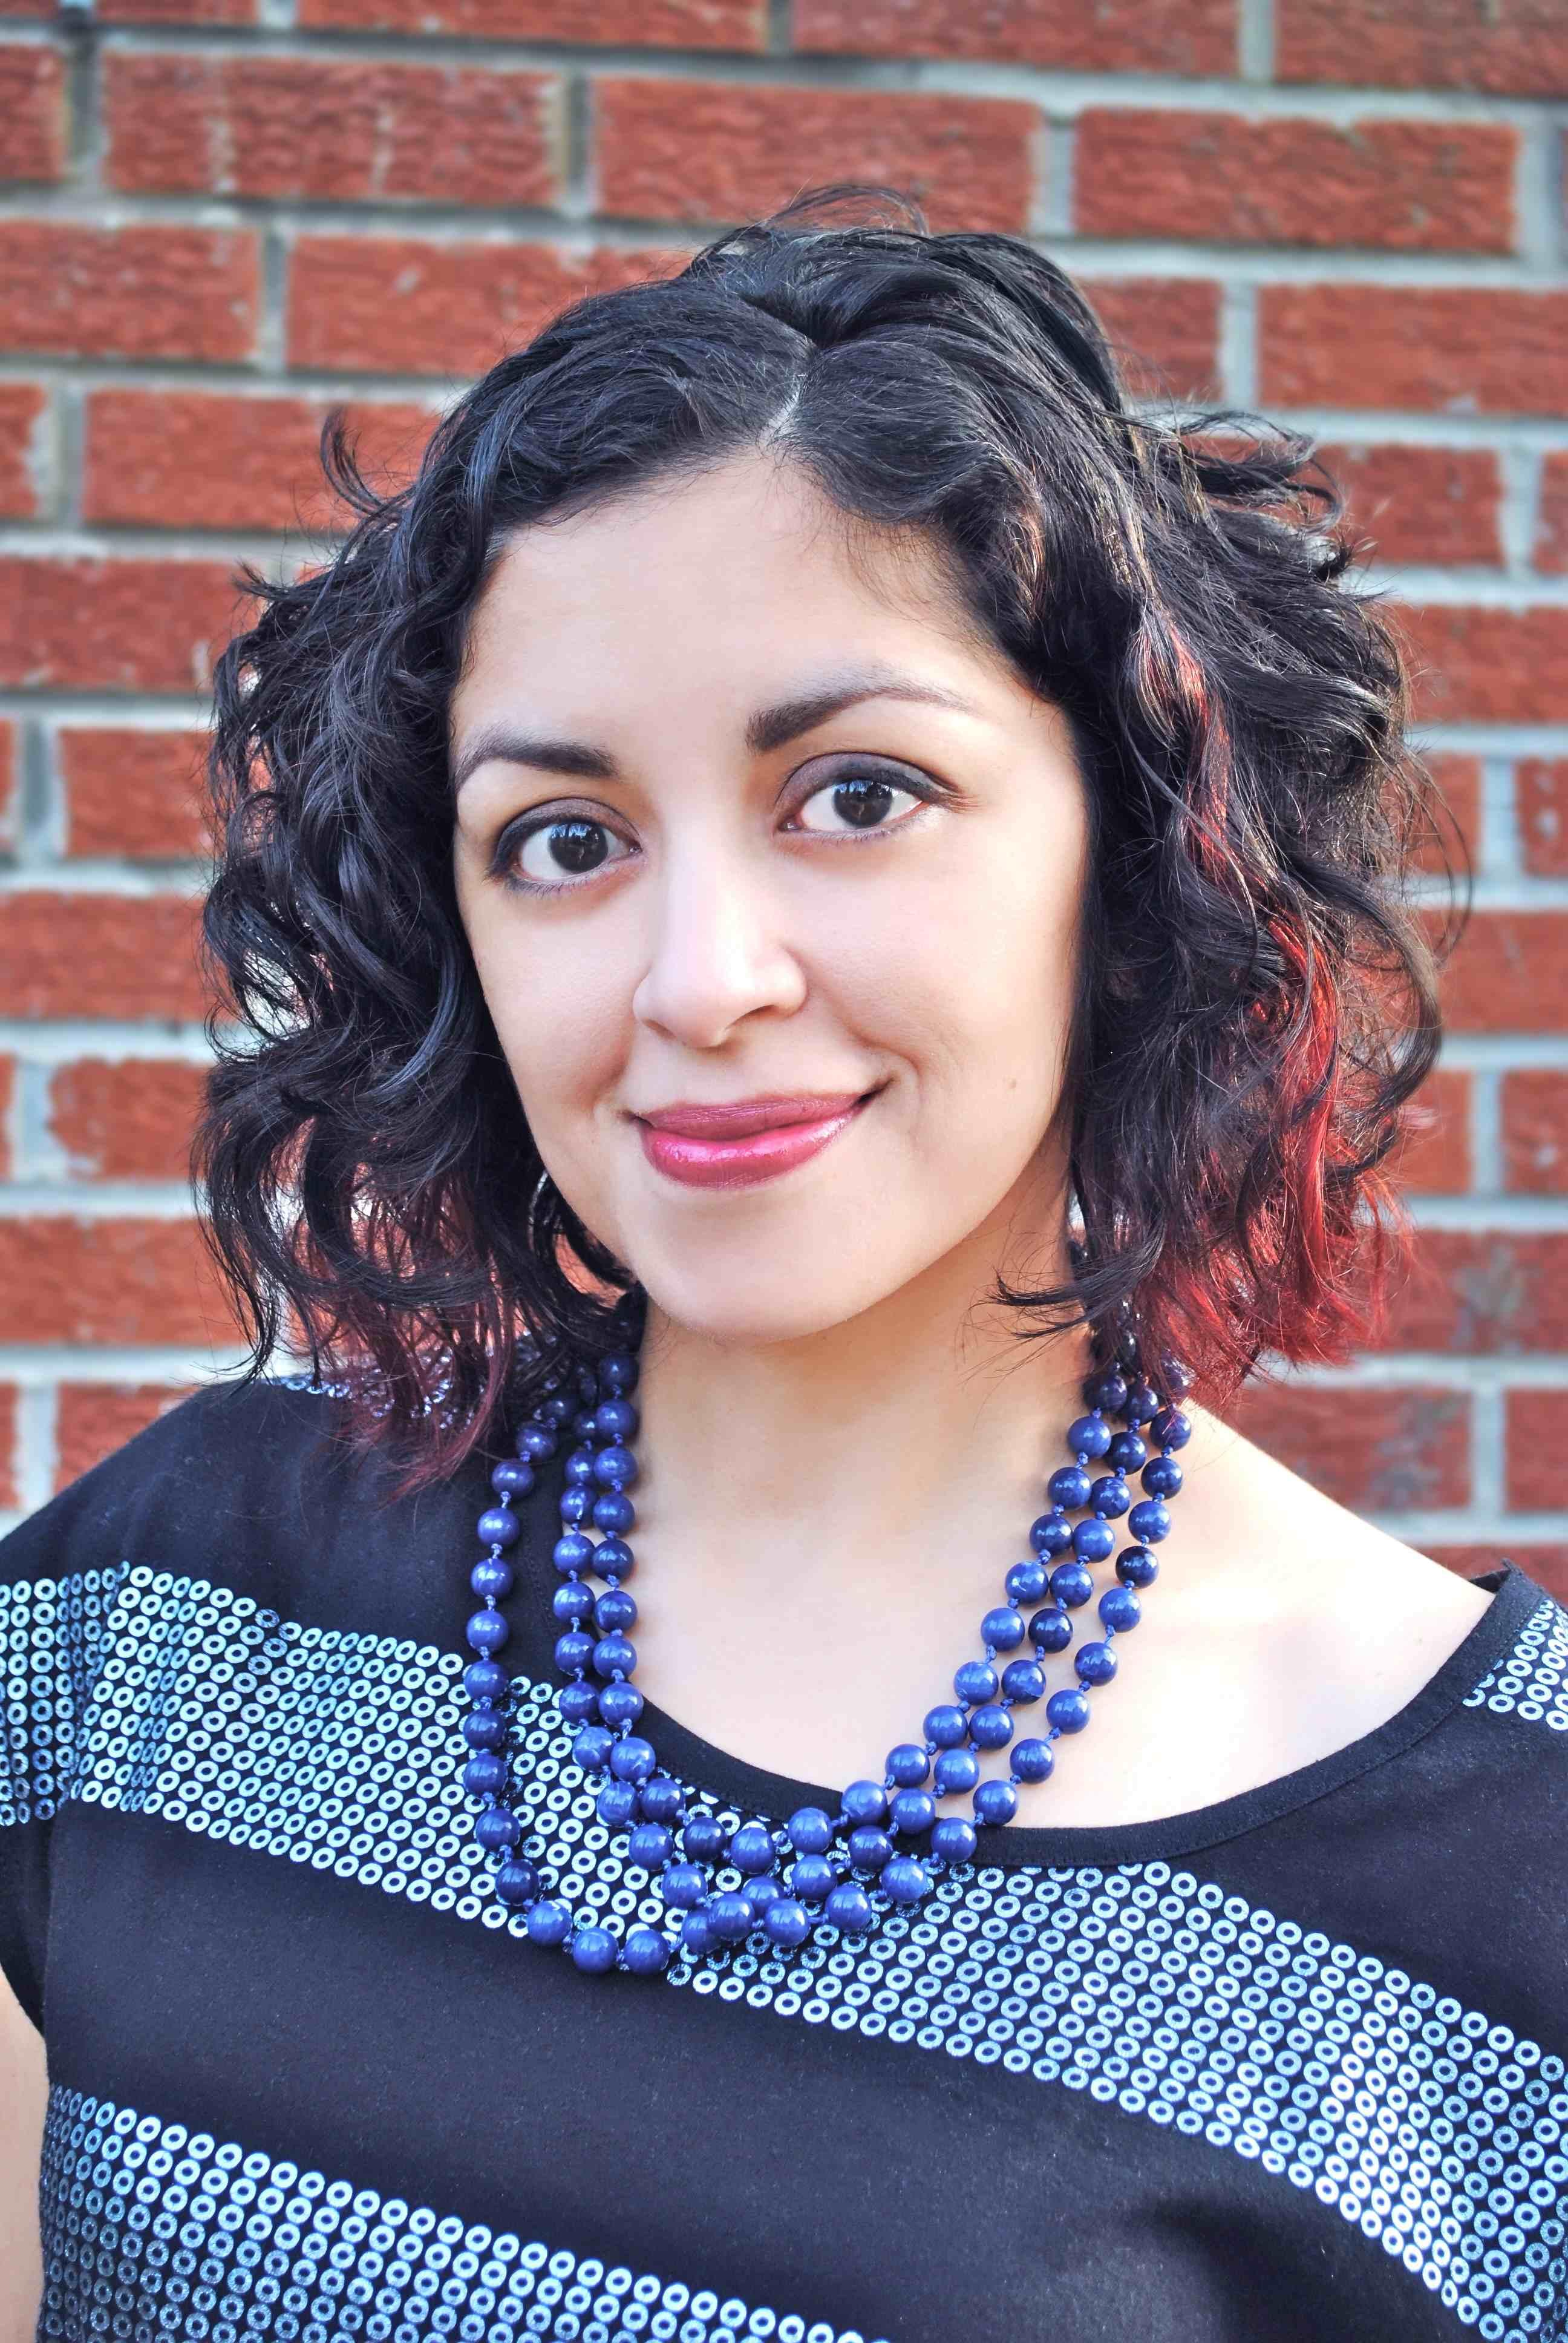 Poet Aimee Nezhukumatathil (Photo courtesy the author)